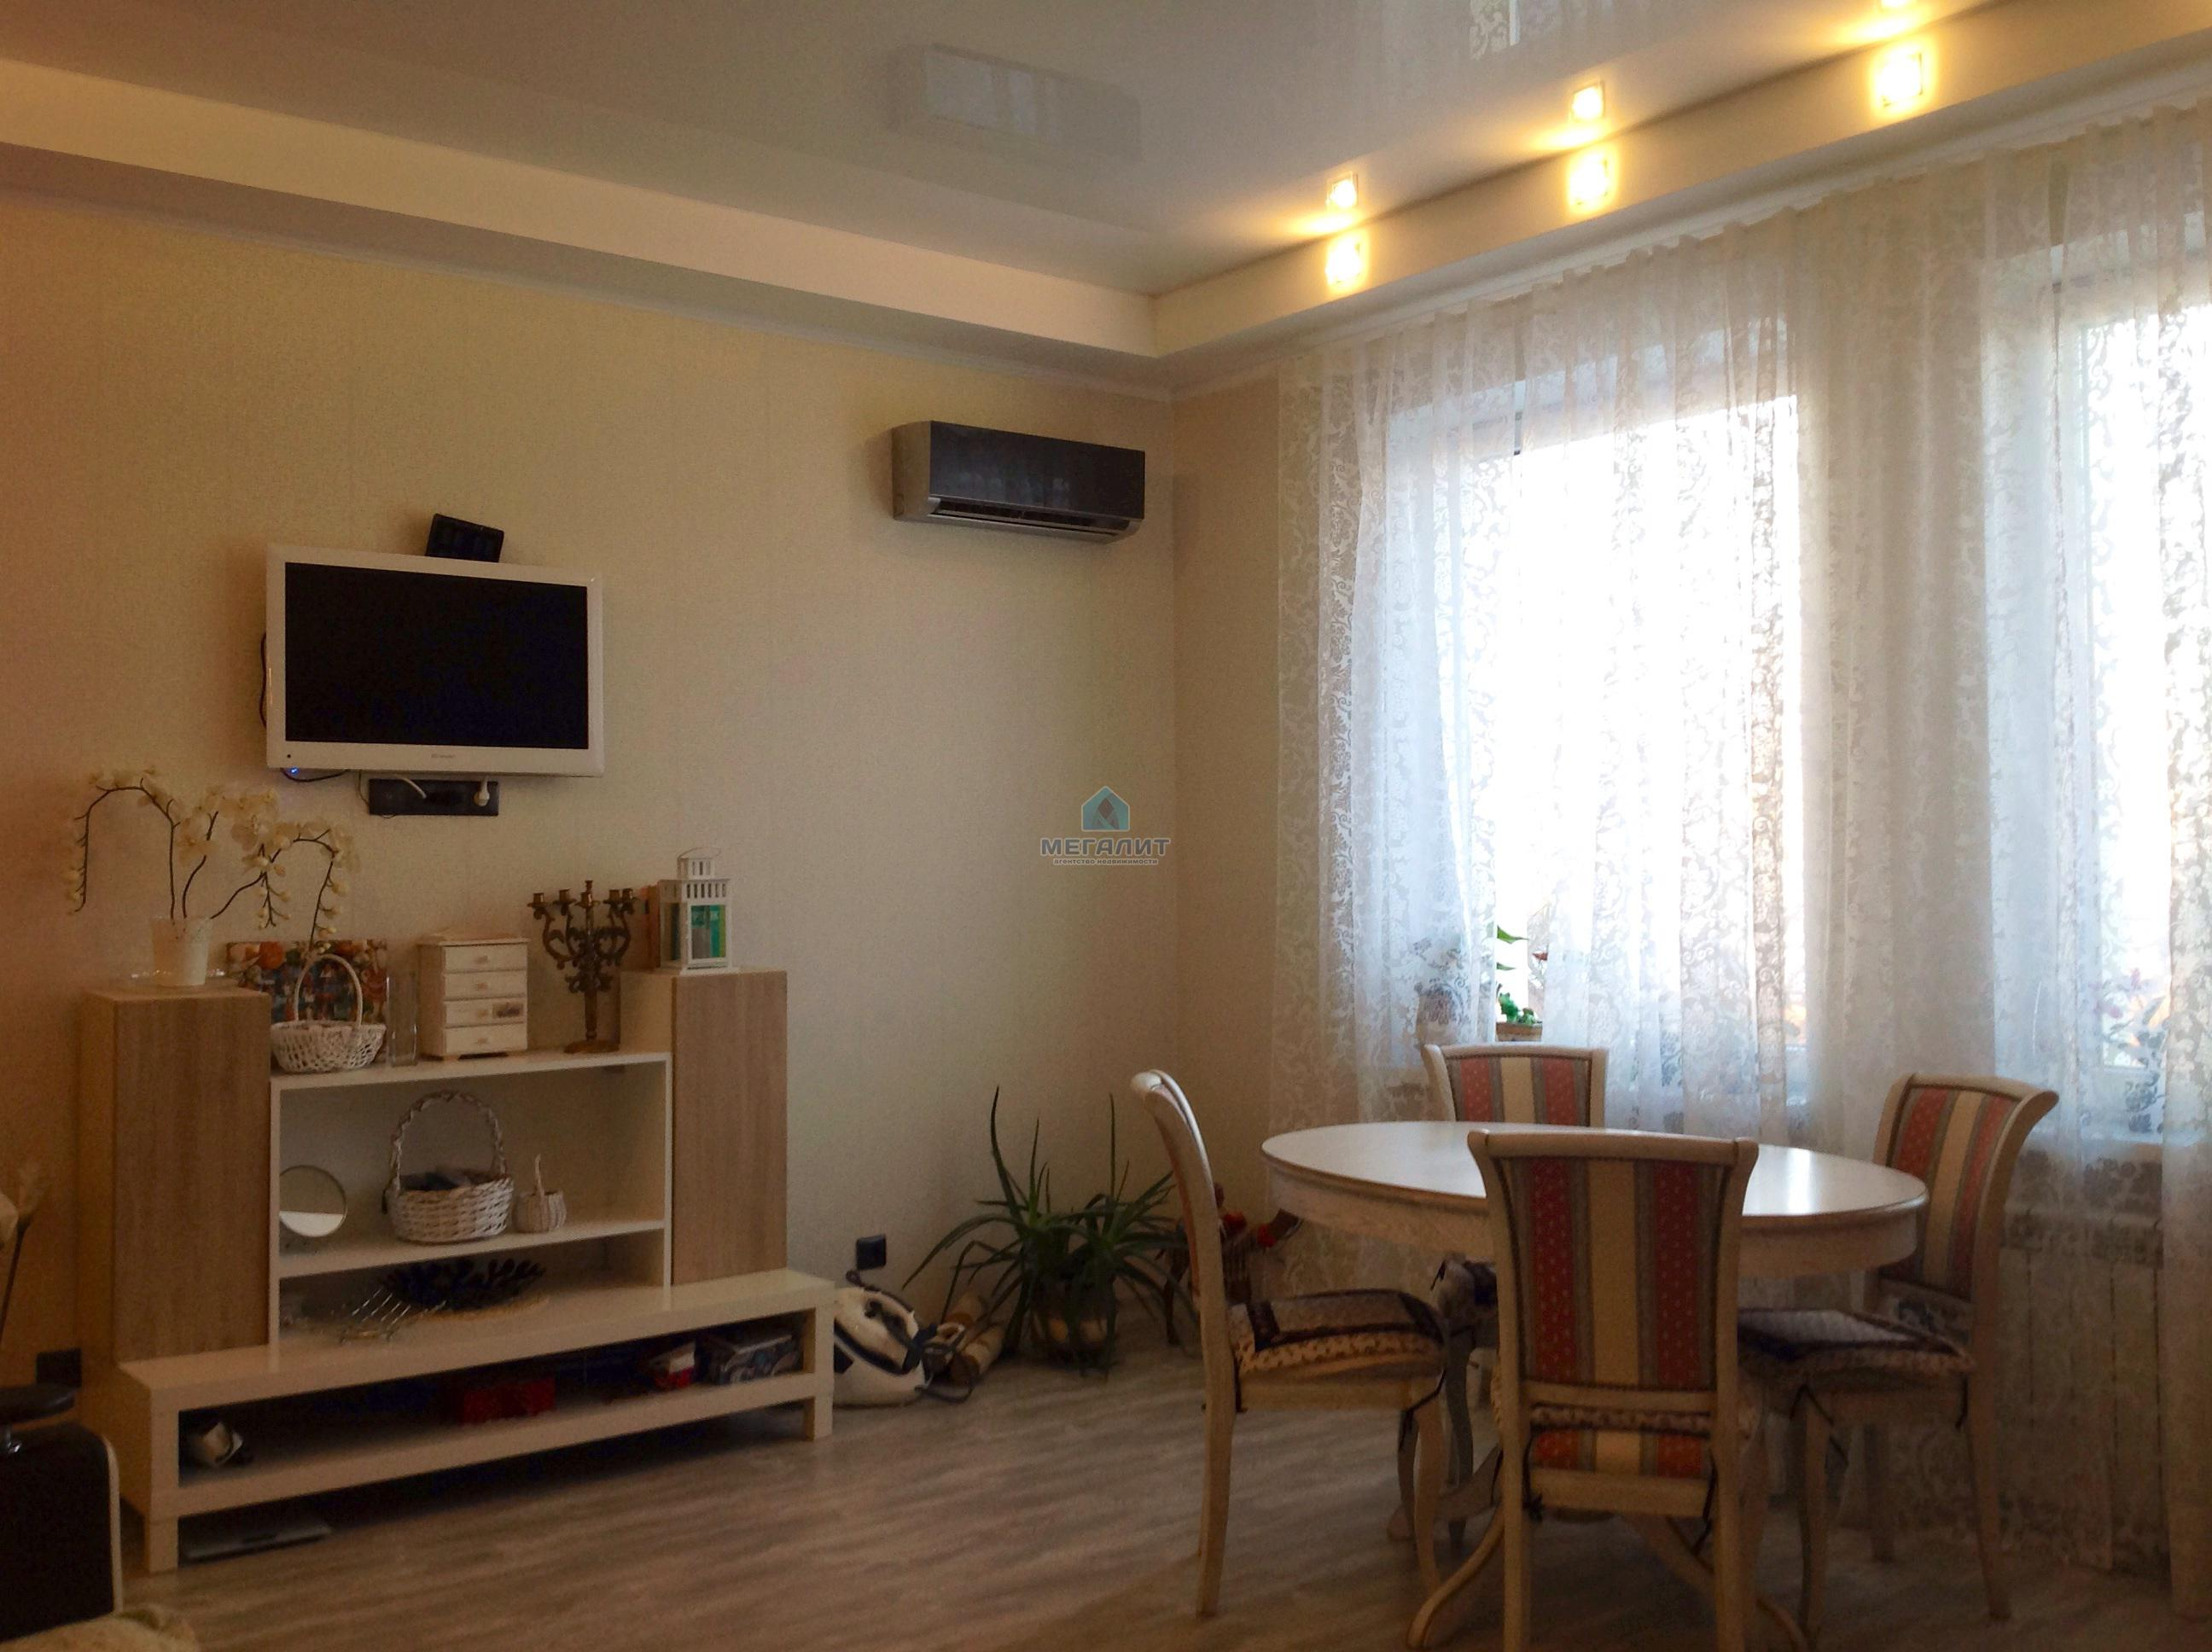 Продажа 1-к квартиры Гоголя 10, 51 м²  (миниатюра №1)